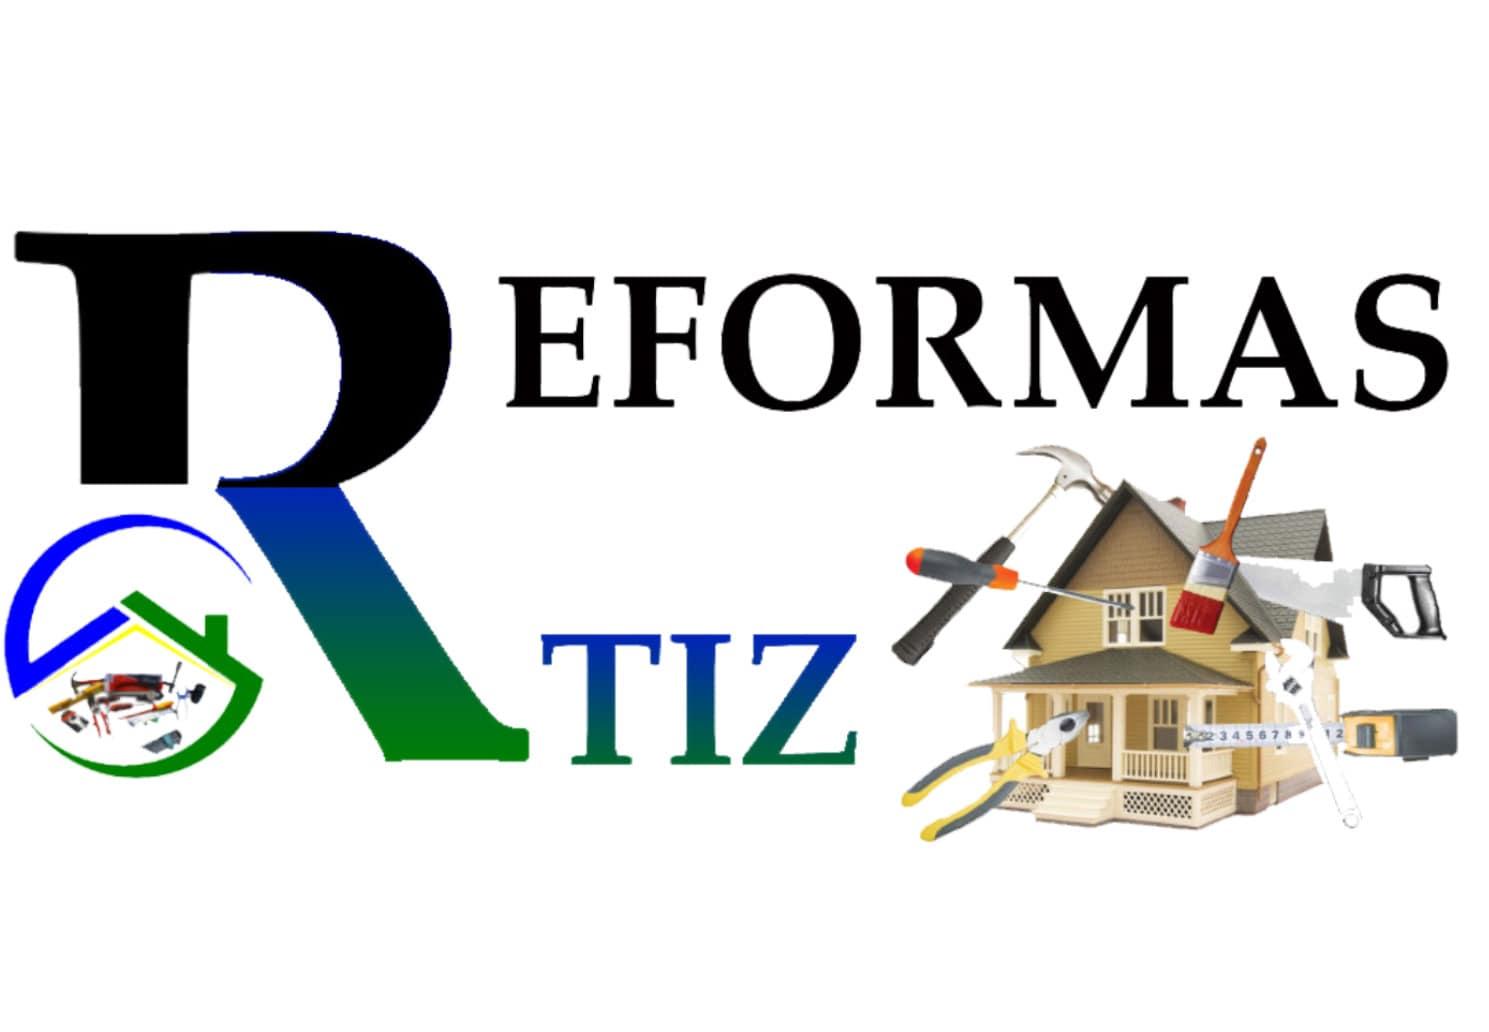 imagen reformas ortiz